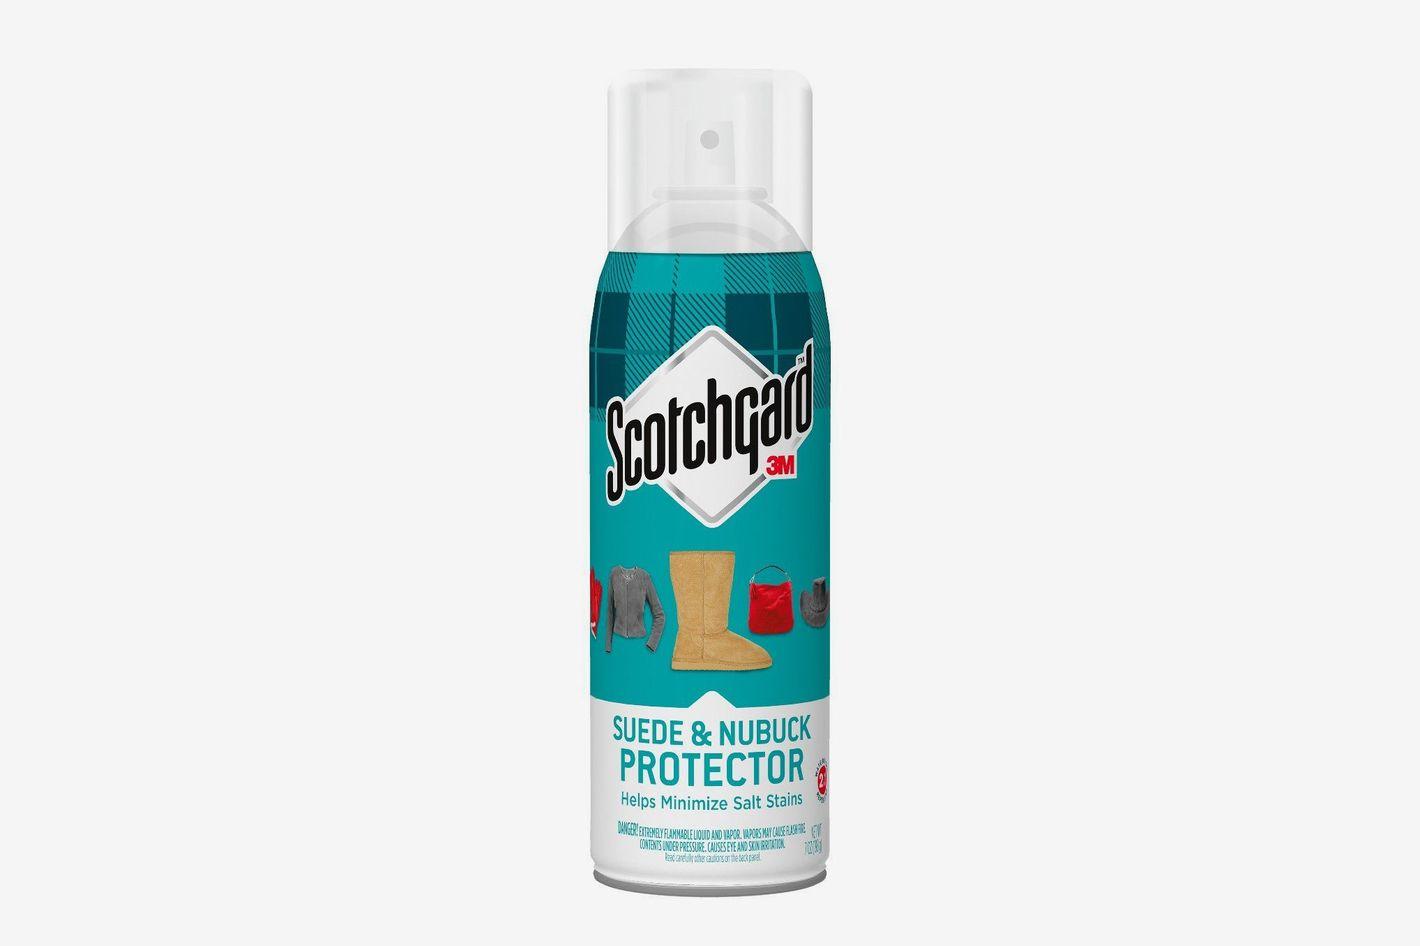 Scotchgard Suede & Nubuck Protector